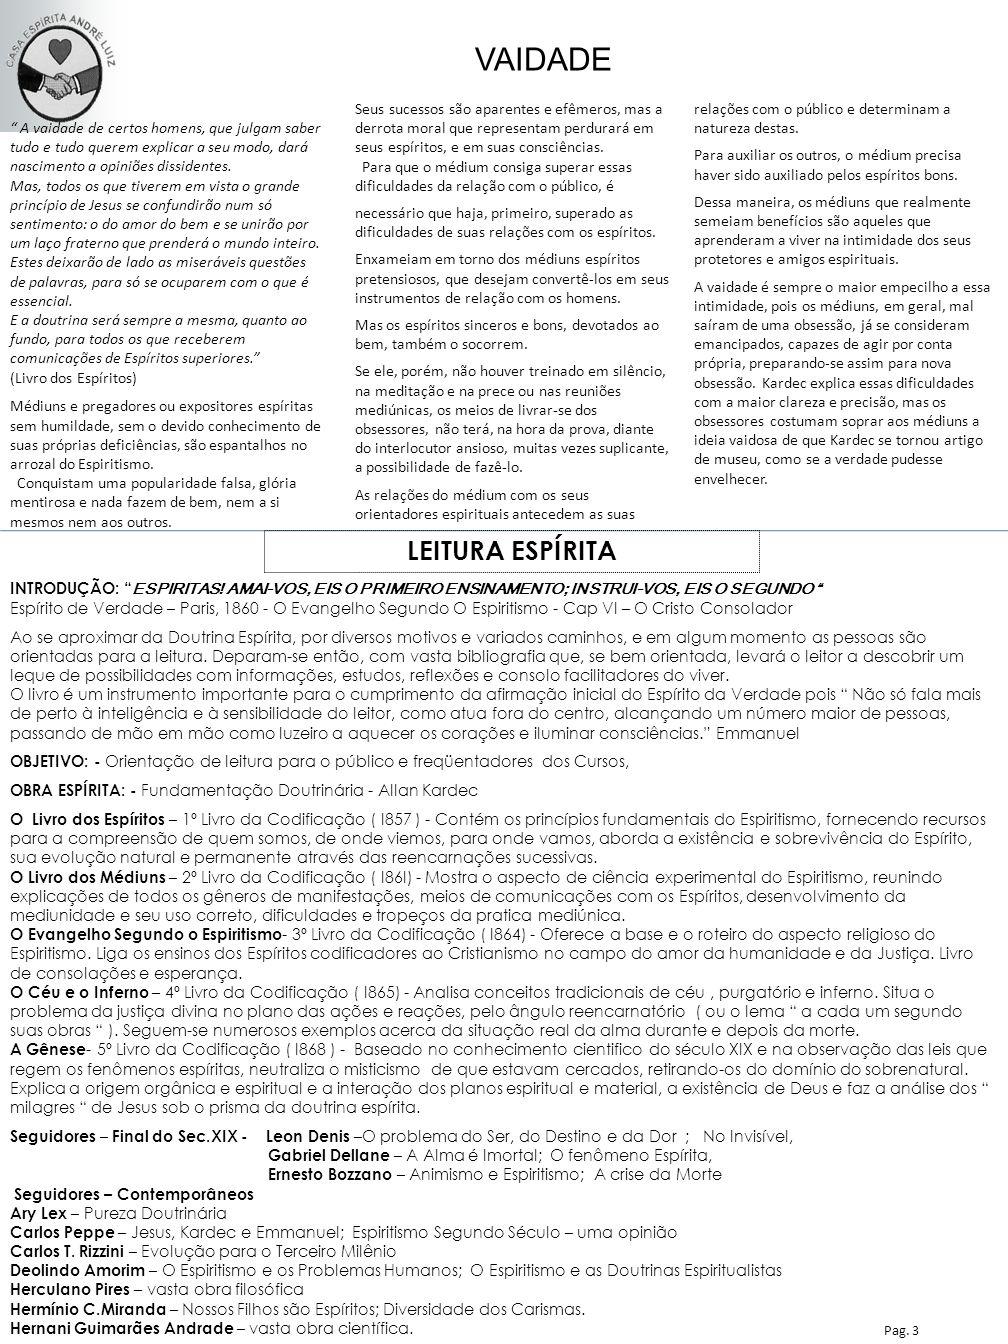 VAIDADE Nesta Edição LEITURA ESPÍRITA